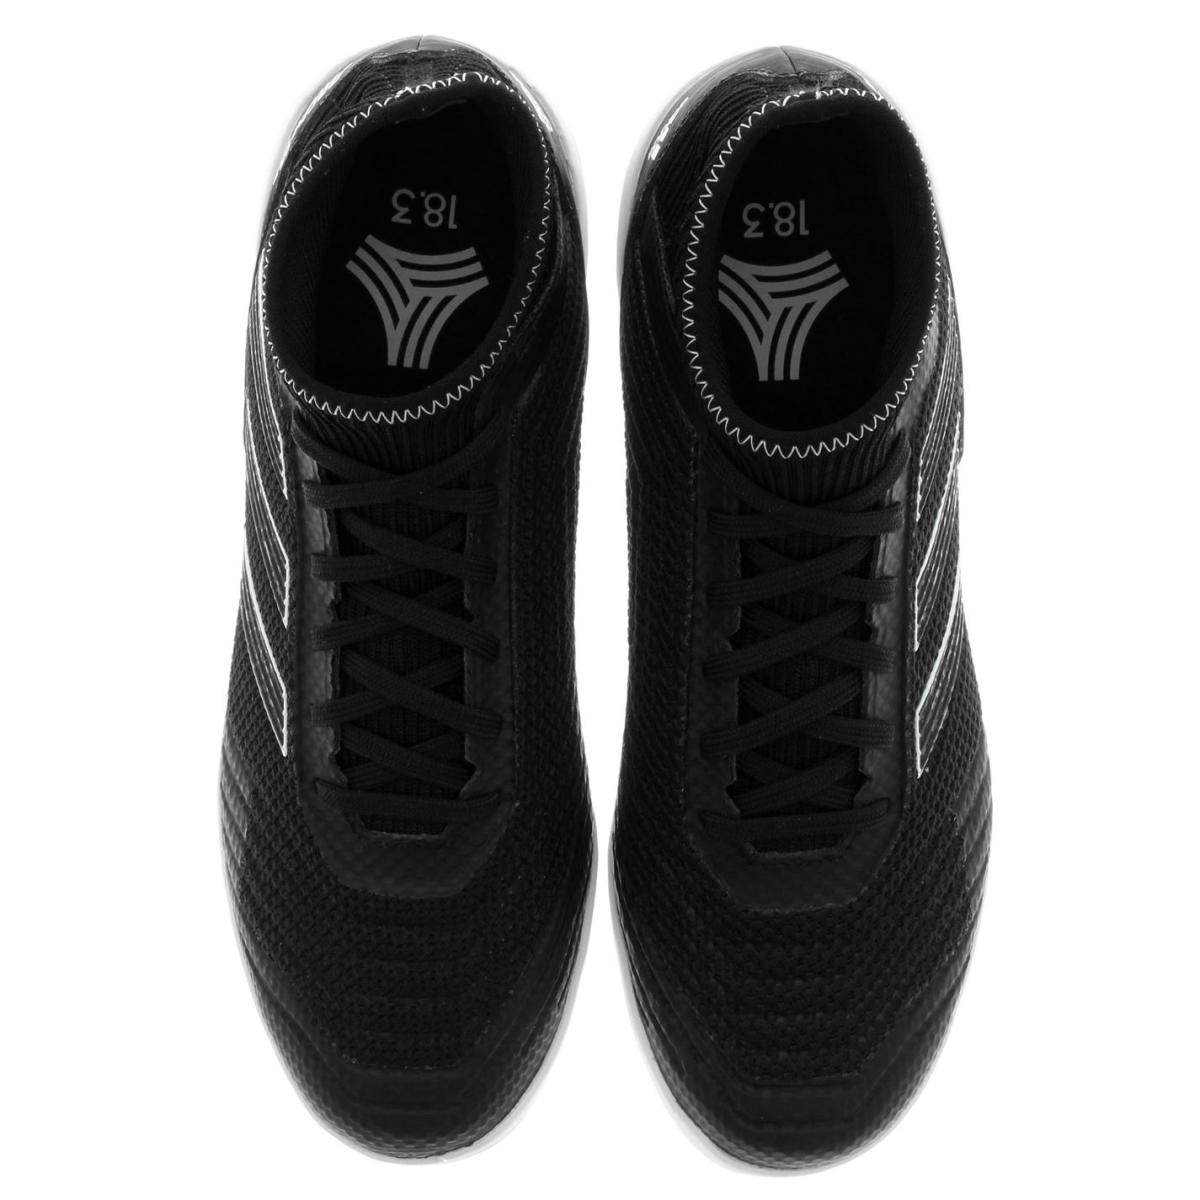 adidas Predator Tango 18.3 Herren Indoor Fußballschuhe